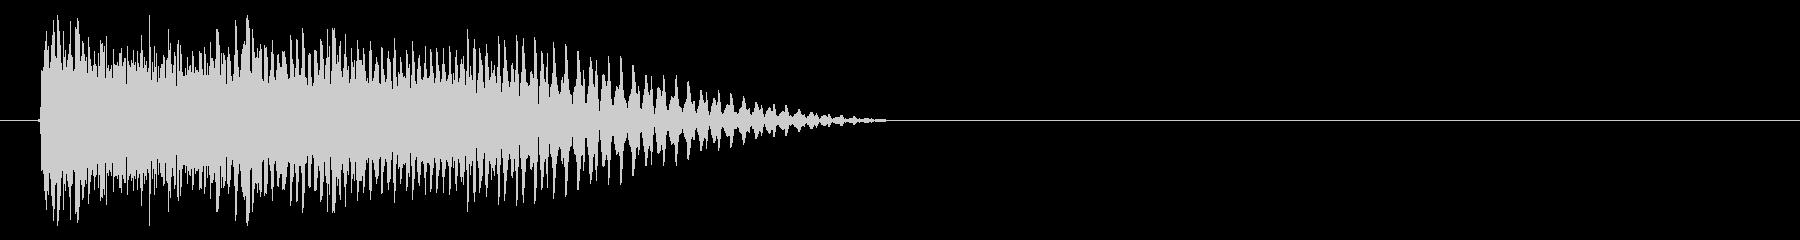 キュピーン(ワープ、瞬間移動、技発動)の未再生の波形